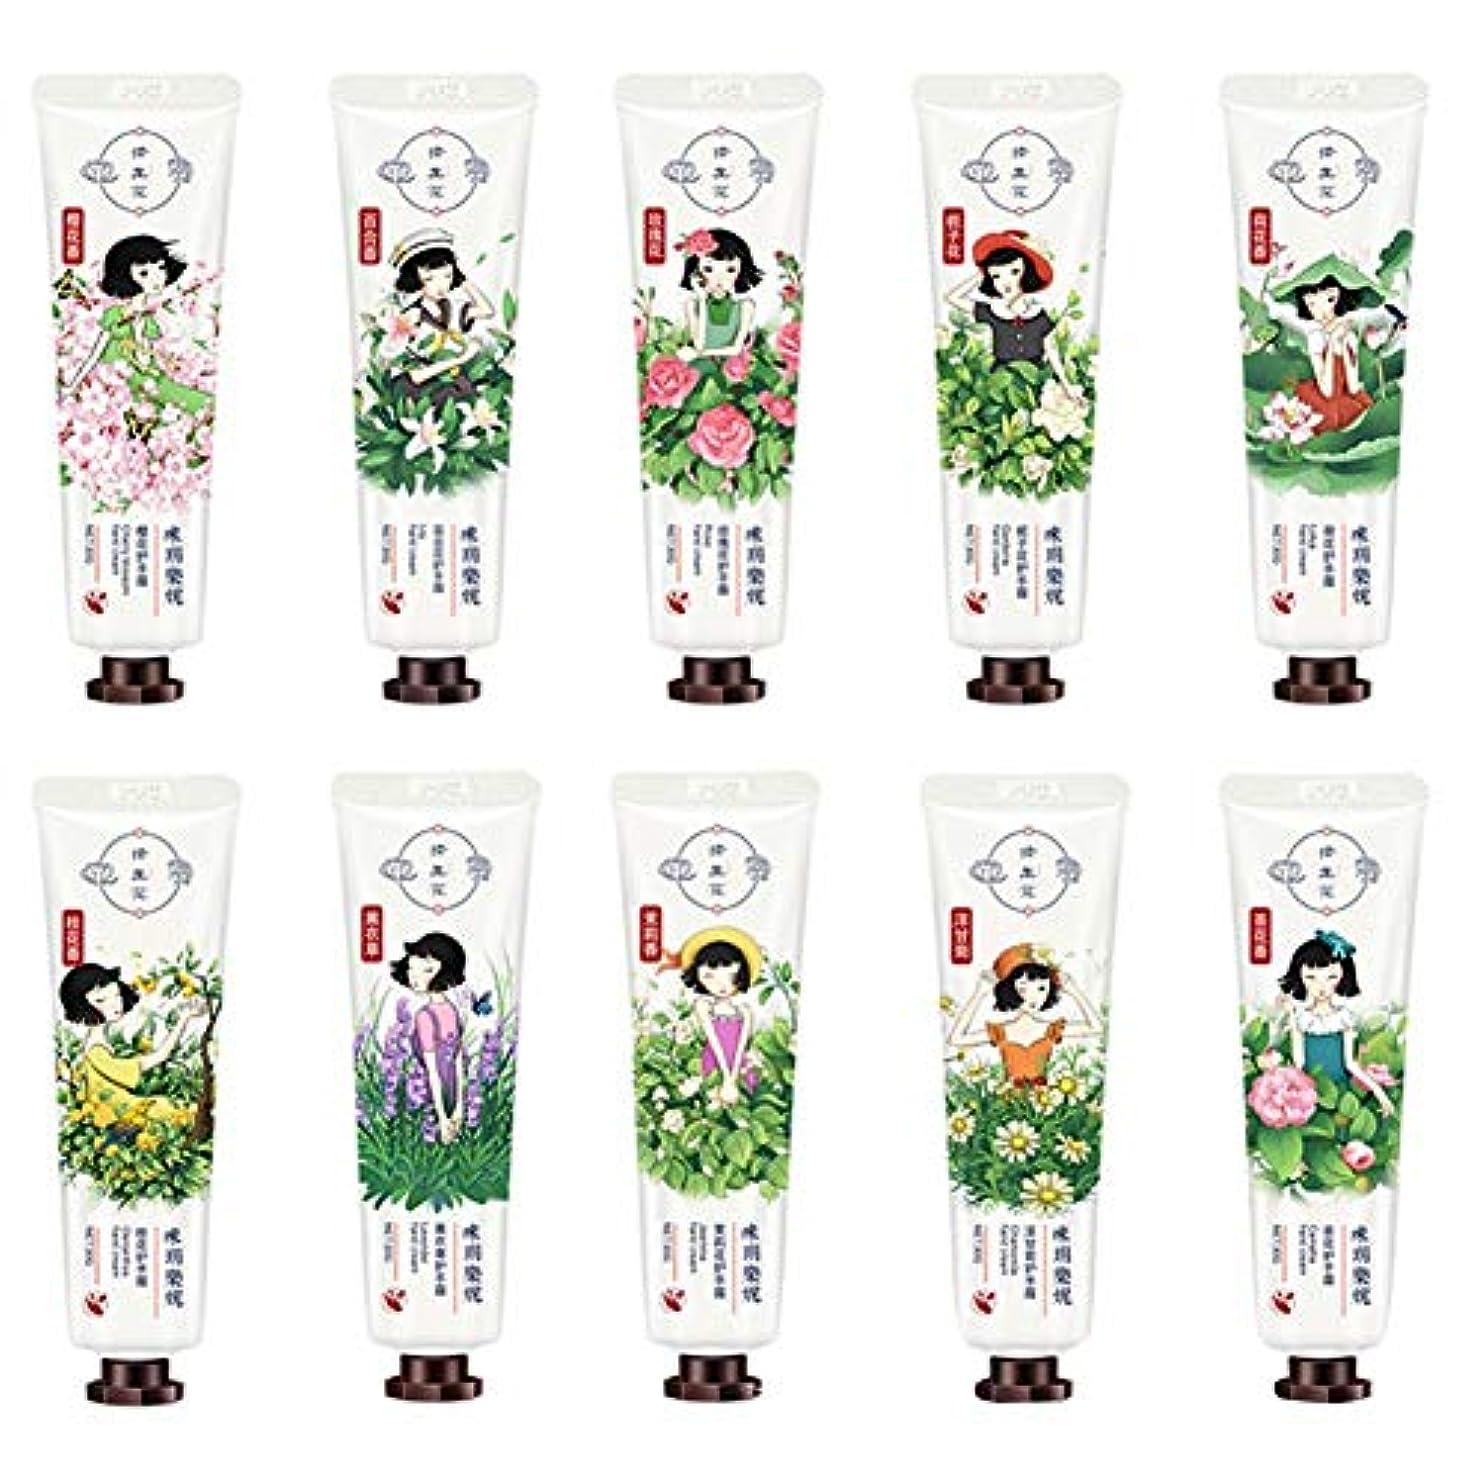 環境盆致命的なハンドクリーム 乾燥したひびの入った肌と働く手のための10PCS保湿植物フレグランスハンドケアクリーム女性のためのアンチエイジングハンド保湿剤女の子